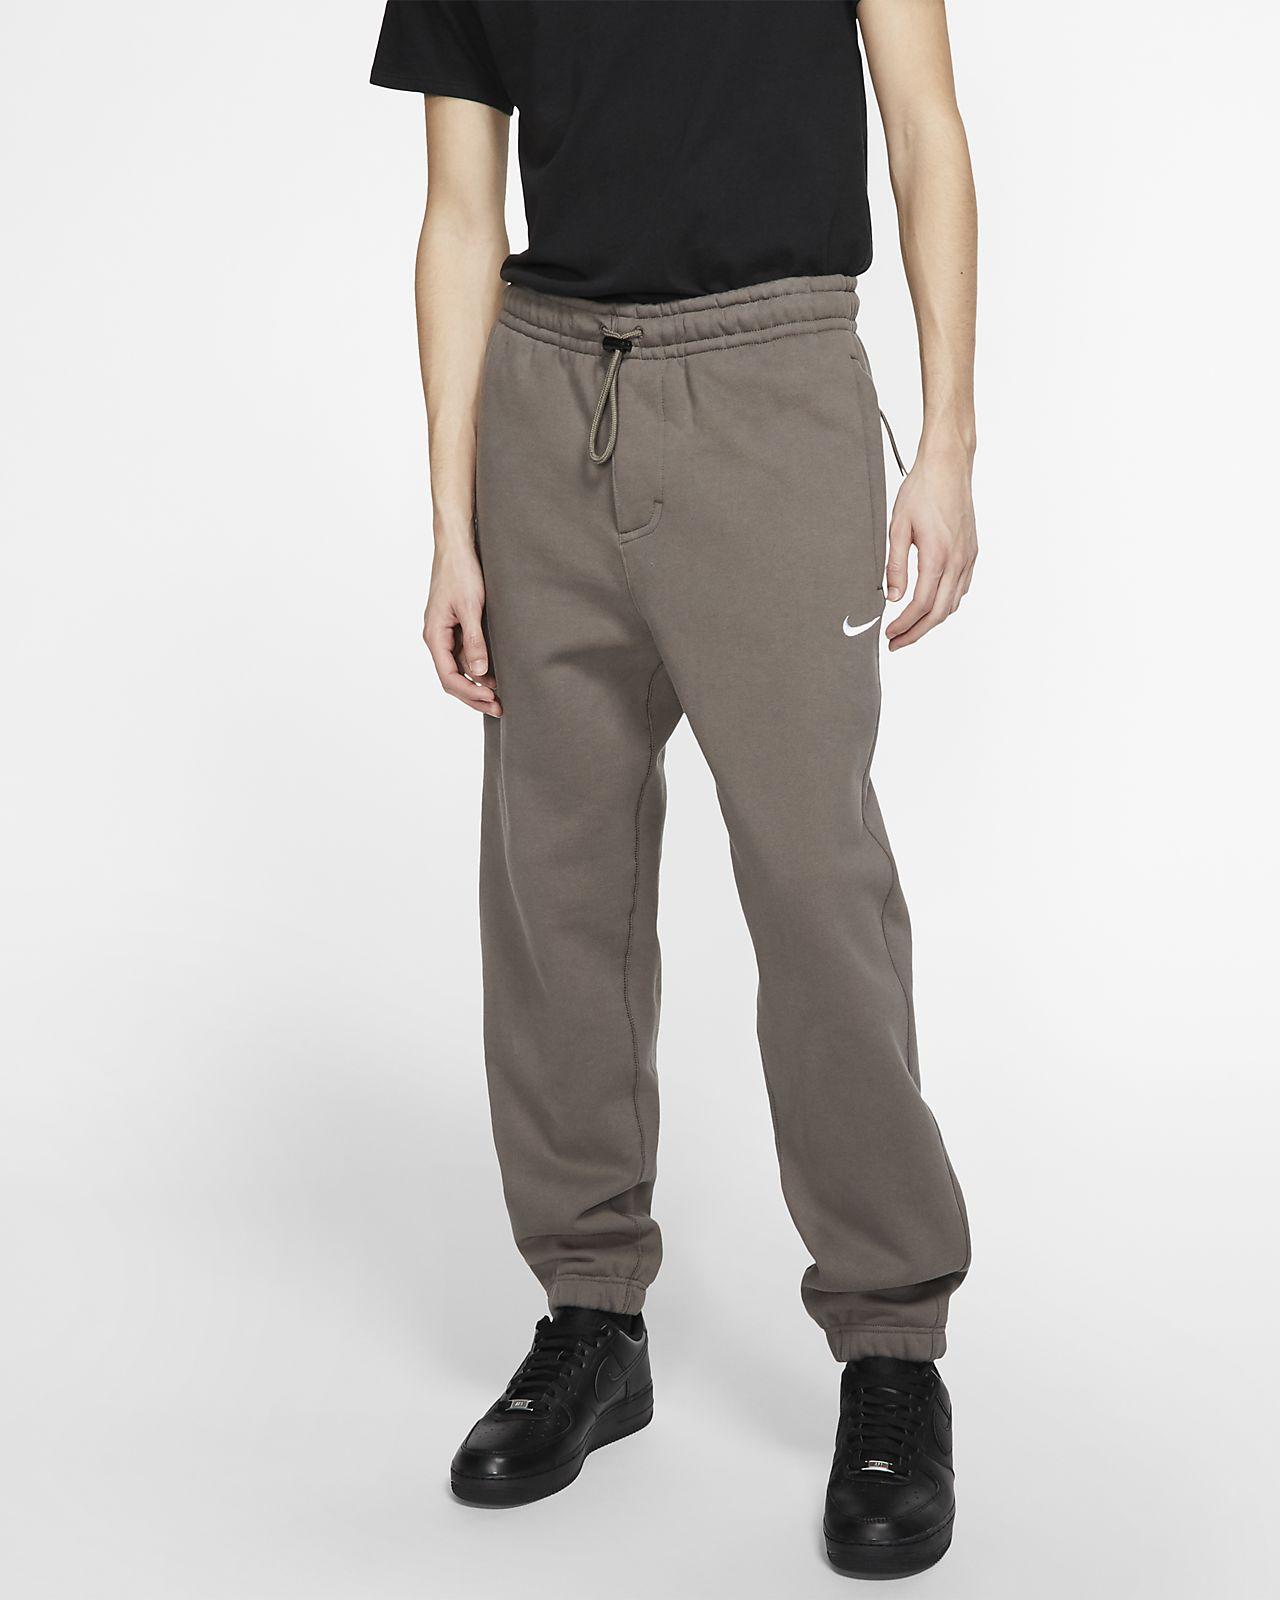 Fleecebyxor NikeLab Collection för män